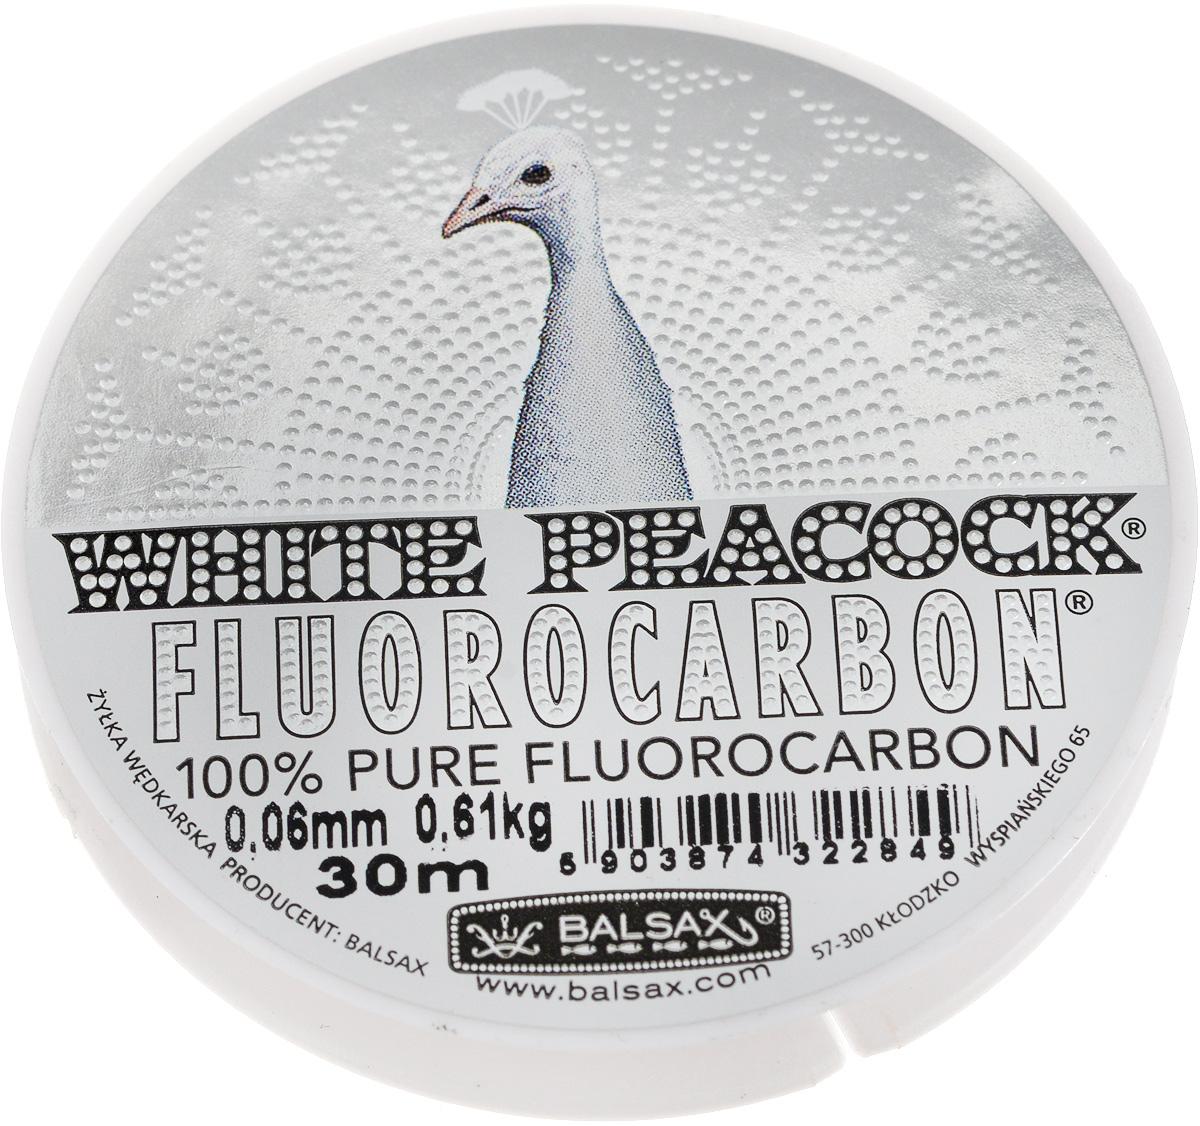 Леска флюорокарбоновая Balsax White Peacock, 30 м, 0,06 мм, 0,61 кг310-15006Флюорокарбоновая леска Balsax White Peacock становится абсолютно невидимой в воде. Обычные лески отражают световые лучи, поэтому рыбы их обнаруживают. Флюорокарбон имеет приближенный к воде коэффициент преломления, поэтому пропускает сквозь себя свет, не давая отражений. Рыбы не видят флюорокарбон. Многие рыболовы во всем мире используют подобные лески в качестве поводковых, благодаря чему получают более лучшие результаты. Флюорокарбон на 50% тяжелее обычных лесок и на 78% тяжелее воды. Понятно, почему этот материал используется для рыболовных лесок, он тонет очень быстро. Флюорокарбон не впитывает воду даже через 100 часов нахождения в ней. Обычные лески впитывают до 10% воды в течение 24 часов, что приводит к потере 5 - 10% прочности. Сопротивляемость флюорокарбона к истиранию значительно больше, чем у обычных лесок. Он выдерживает температуры от -40°C до +160°C.